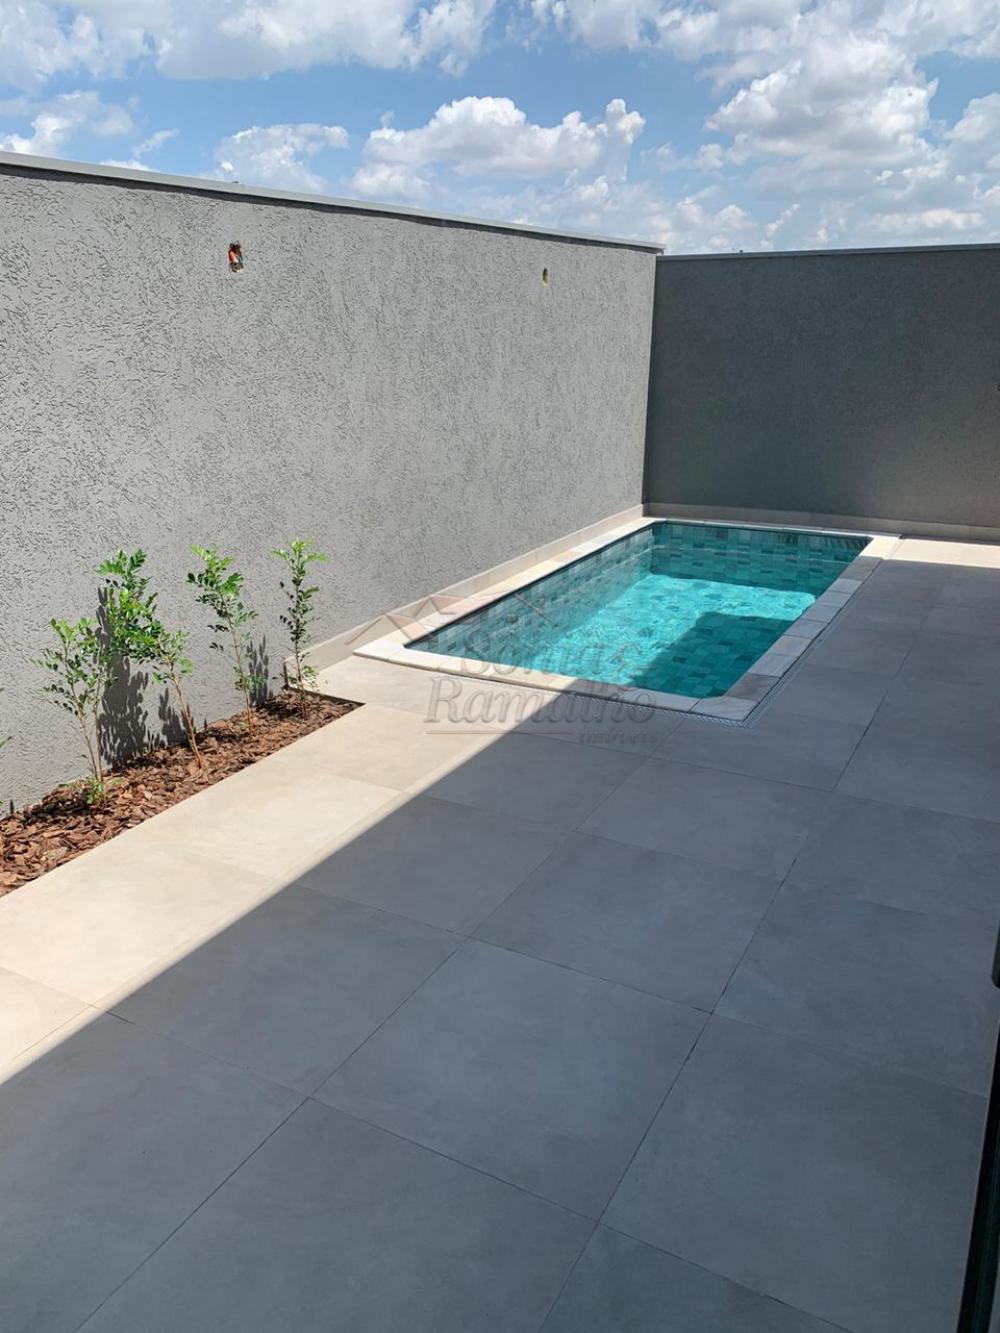 Comprar Casas / casa condominio em Bonfim Paulista apenas R$ 730.000,00 - Foto 5